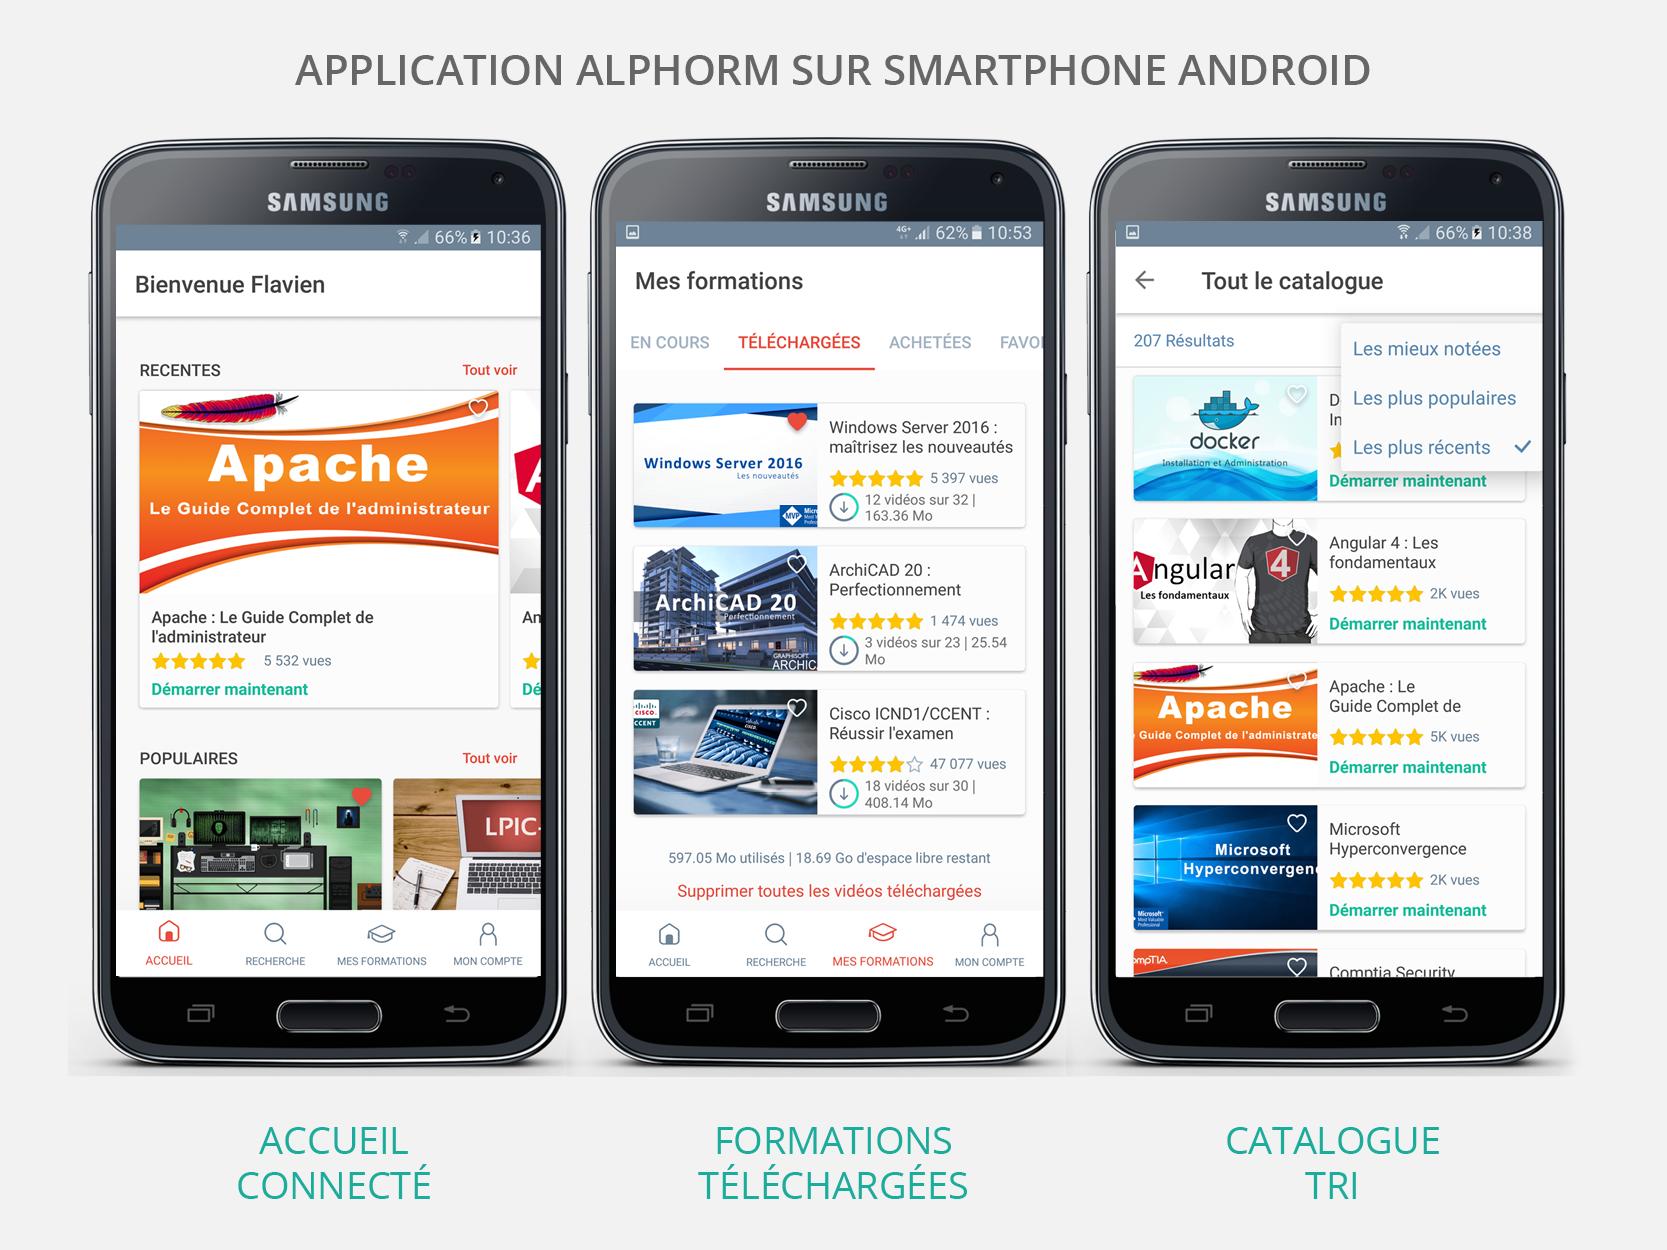 Nouvelle Application Alphorm pour Smartphone Android